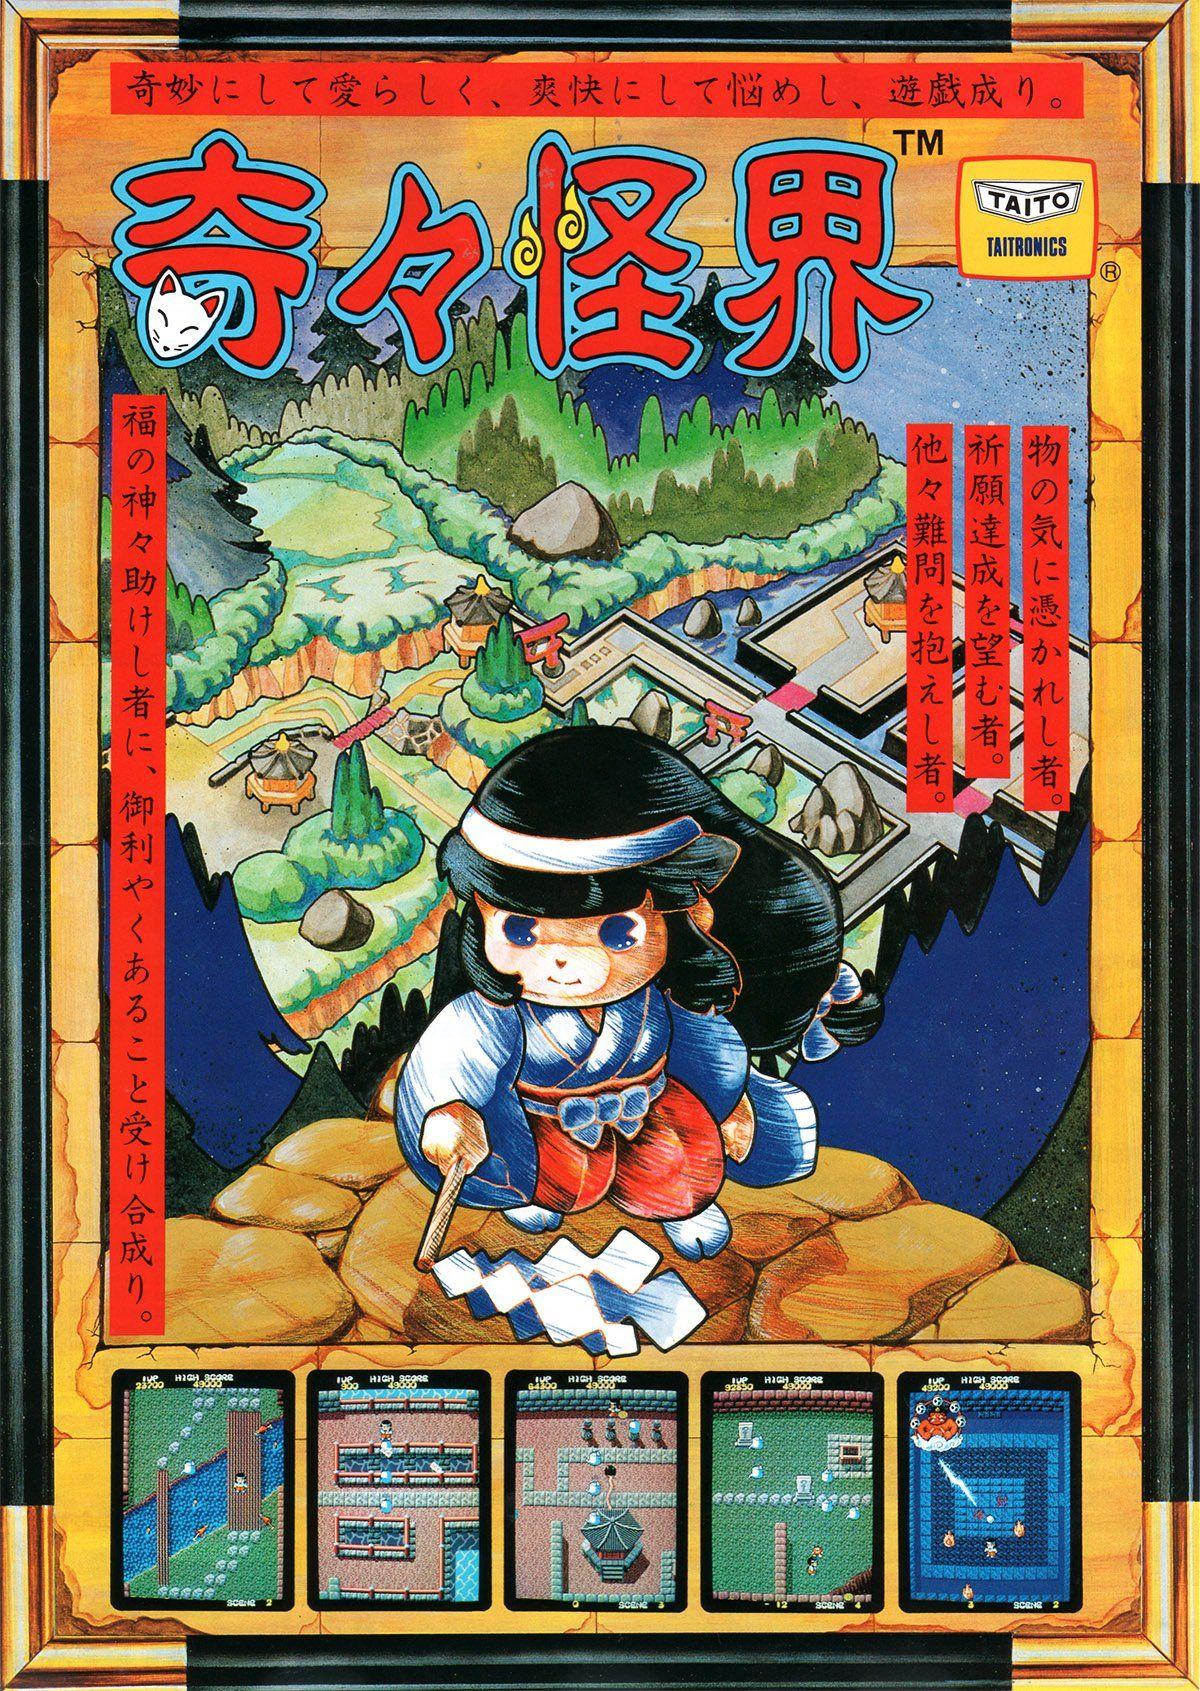 Retromags on Retro gaming art, Retro gaming, Retro arcade